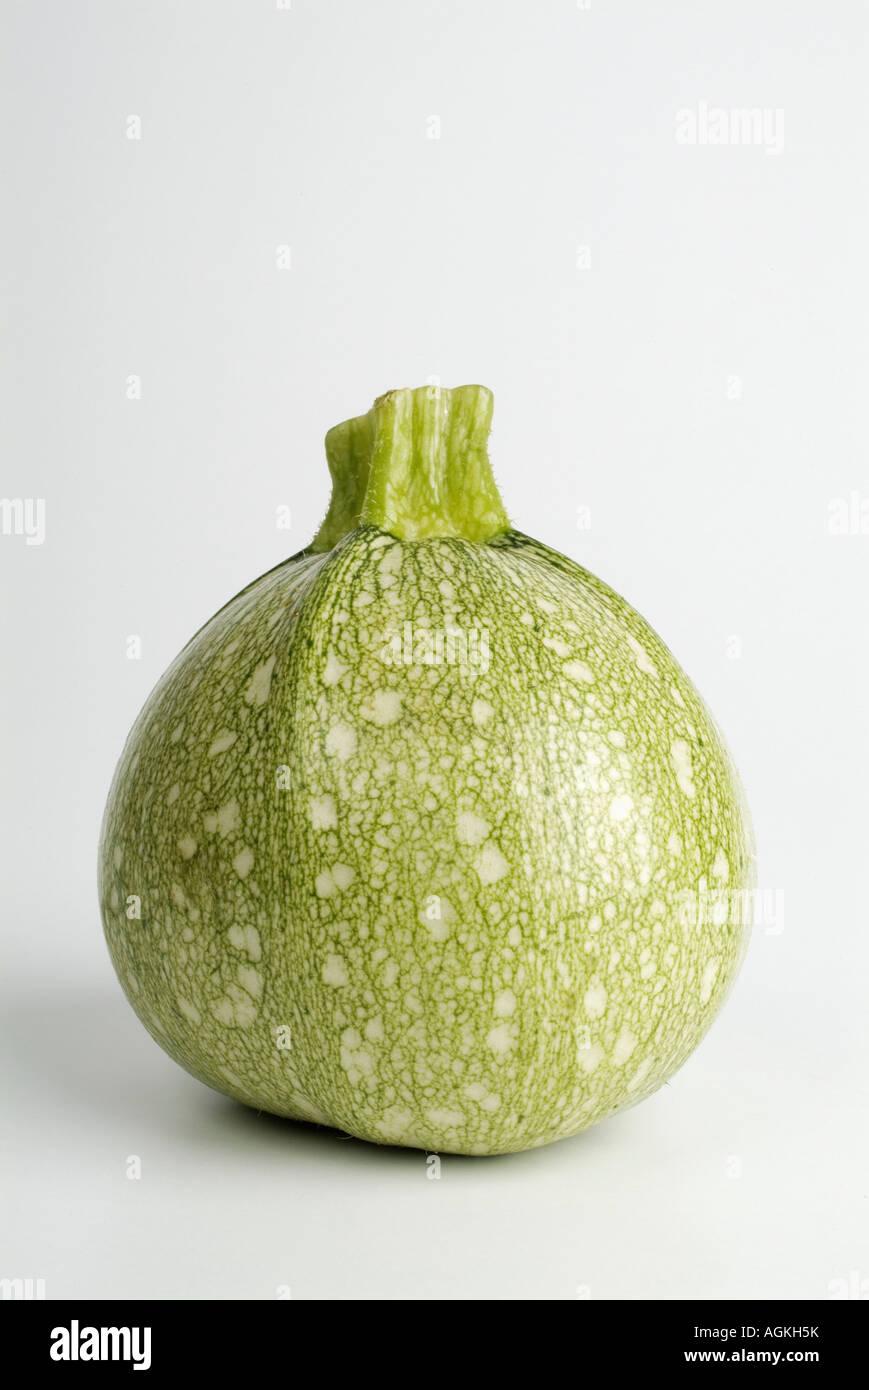 Painet JN0915 rond marrow plus rond blanc vert frais de régime alimentaire Courgettes Légumes santé Photo Stock